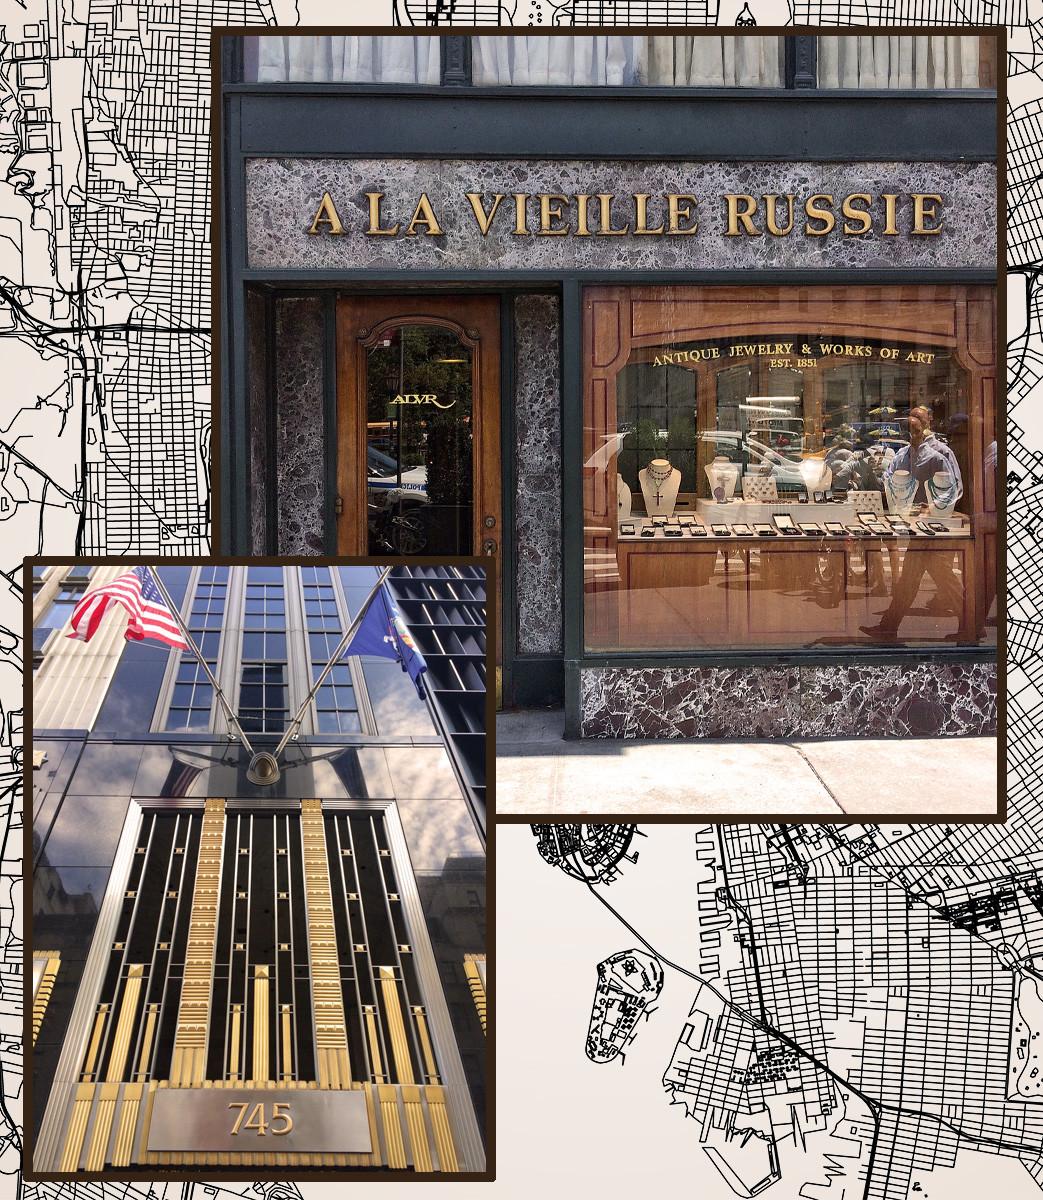 По-горе: Историческата сграда е 781 Пето авеню. По-долу: Новото ѝ местоположение на 745 Пето авеню